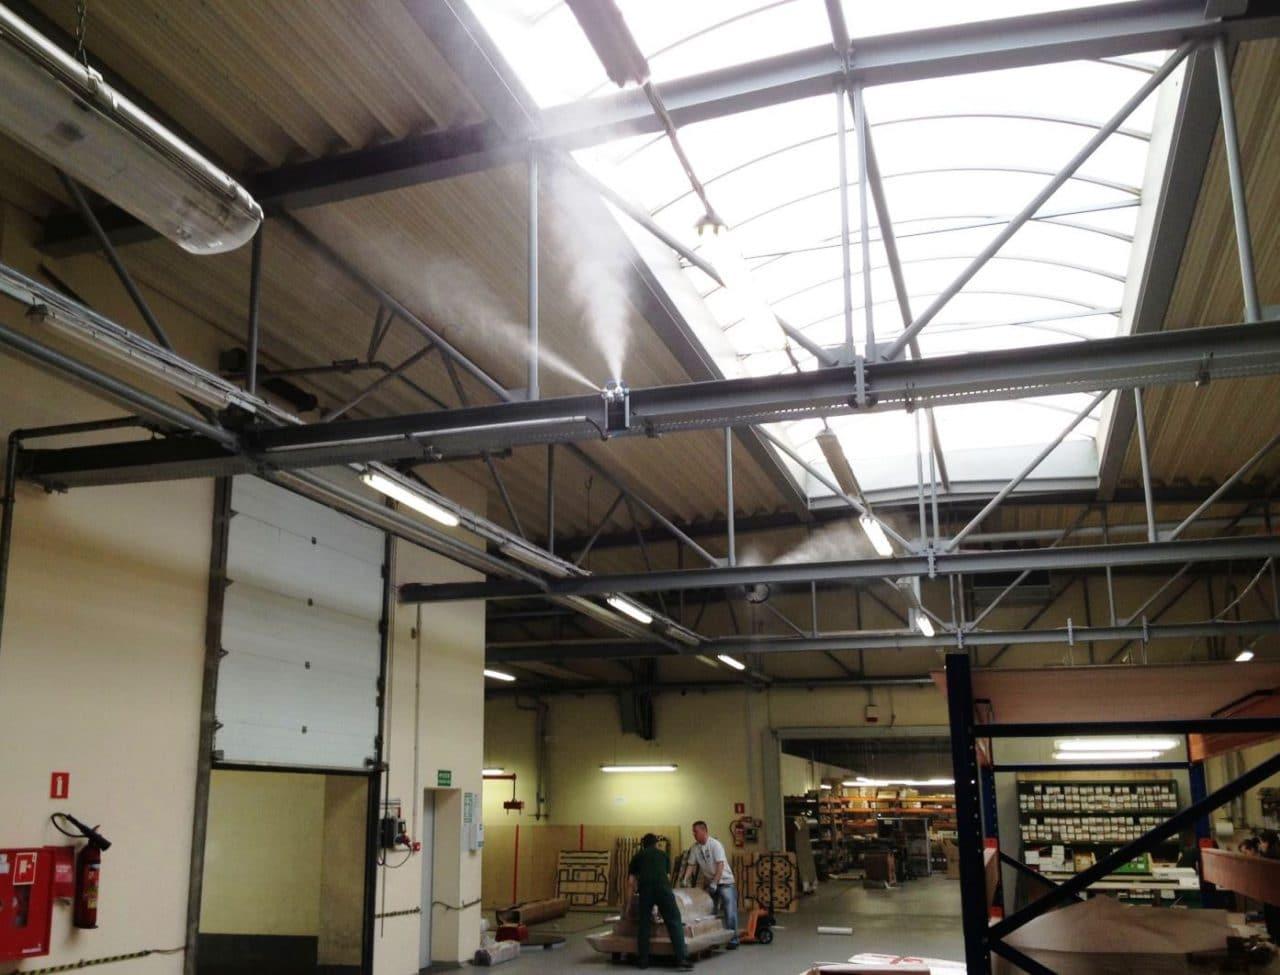 nawilżanie powietrza w drukarni system aero firmy Otech, nawilżacze powietrza dla przemysłu